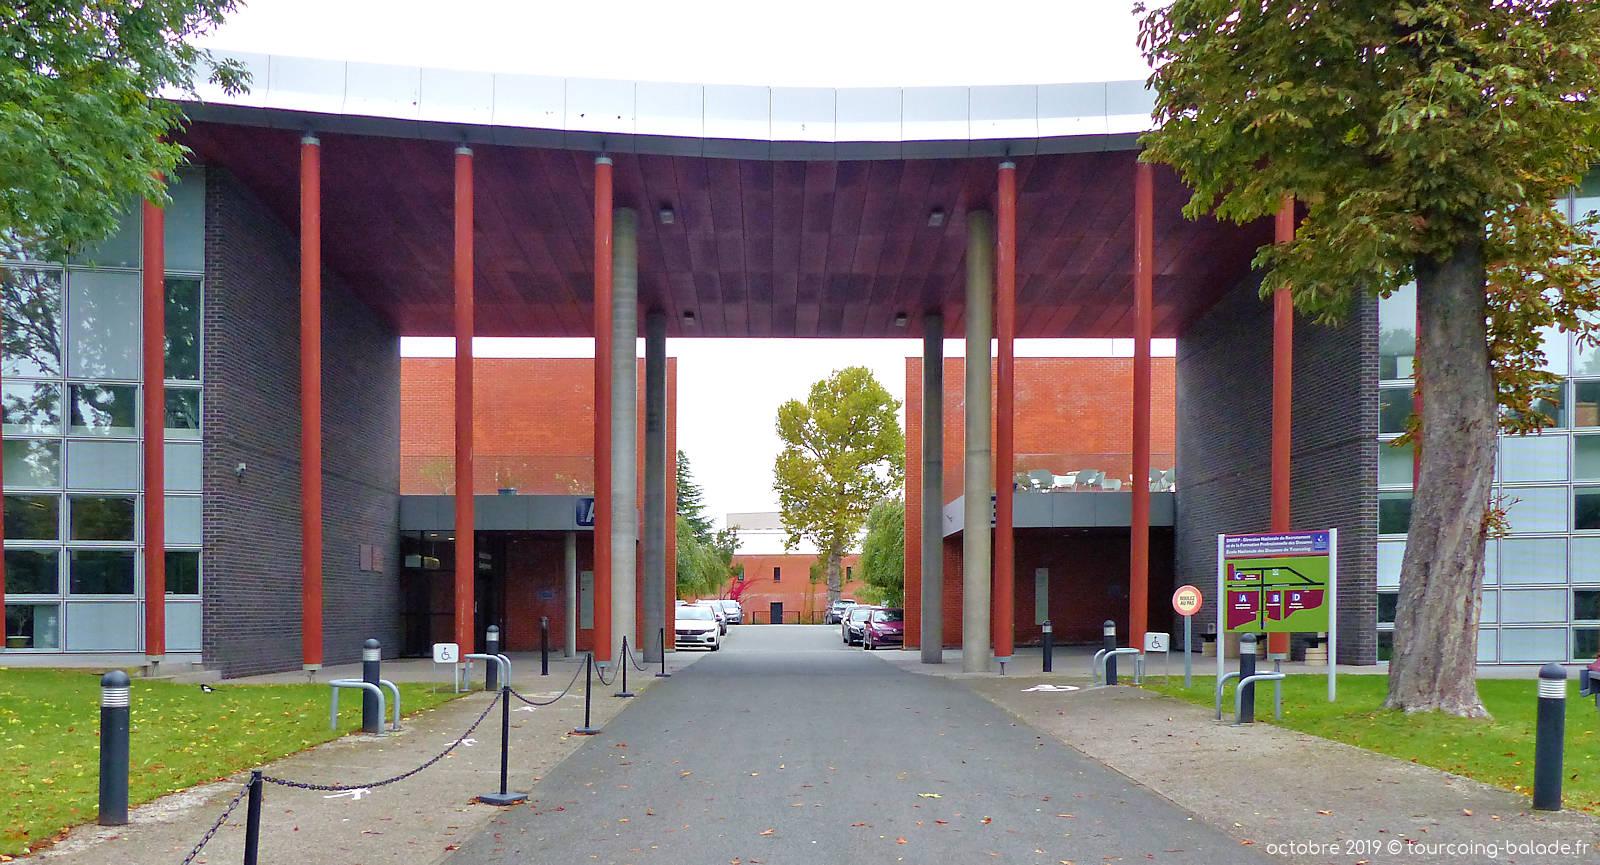 École Nationale des Douanes, Tourcoing - Entrée principale.